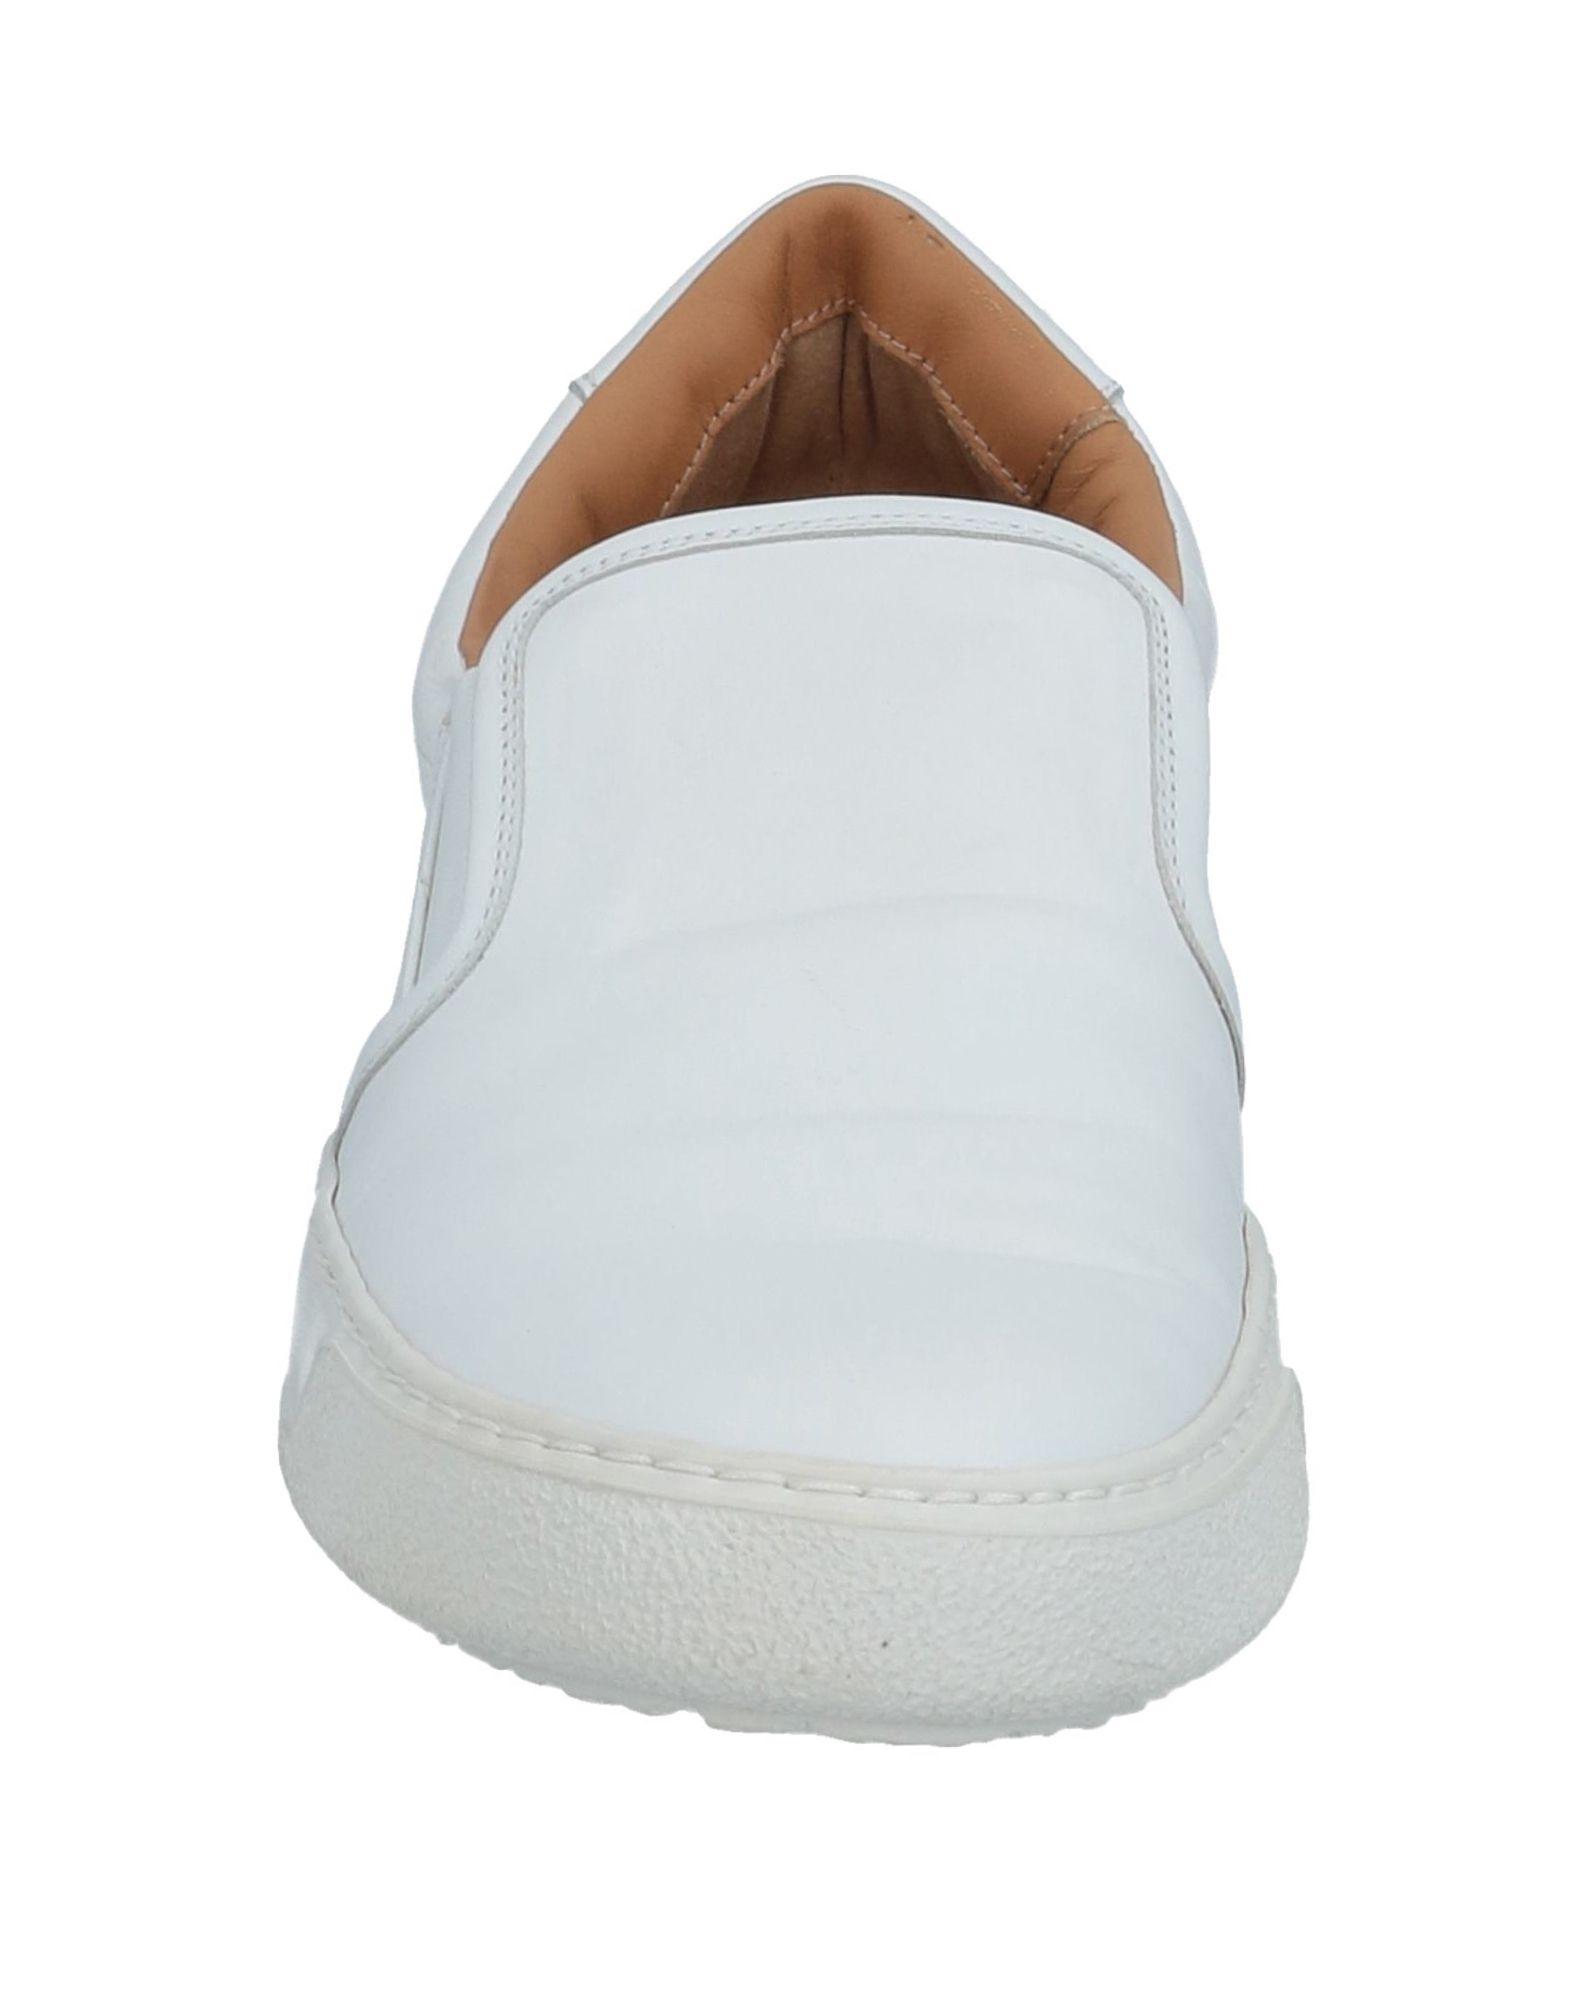 Vivienne Westwood Sneakers Herren 11521138AB  11521138AB Herren 568bc6